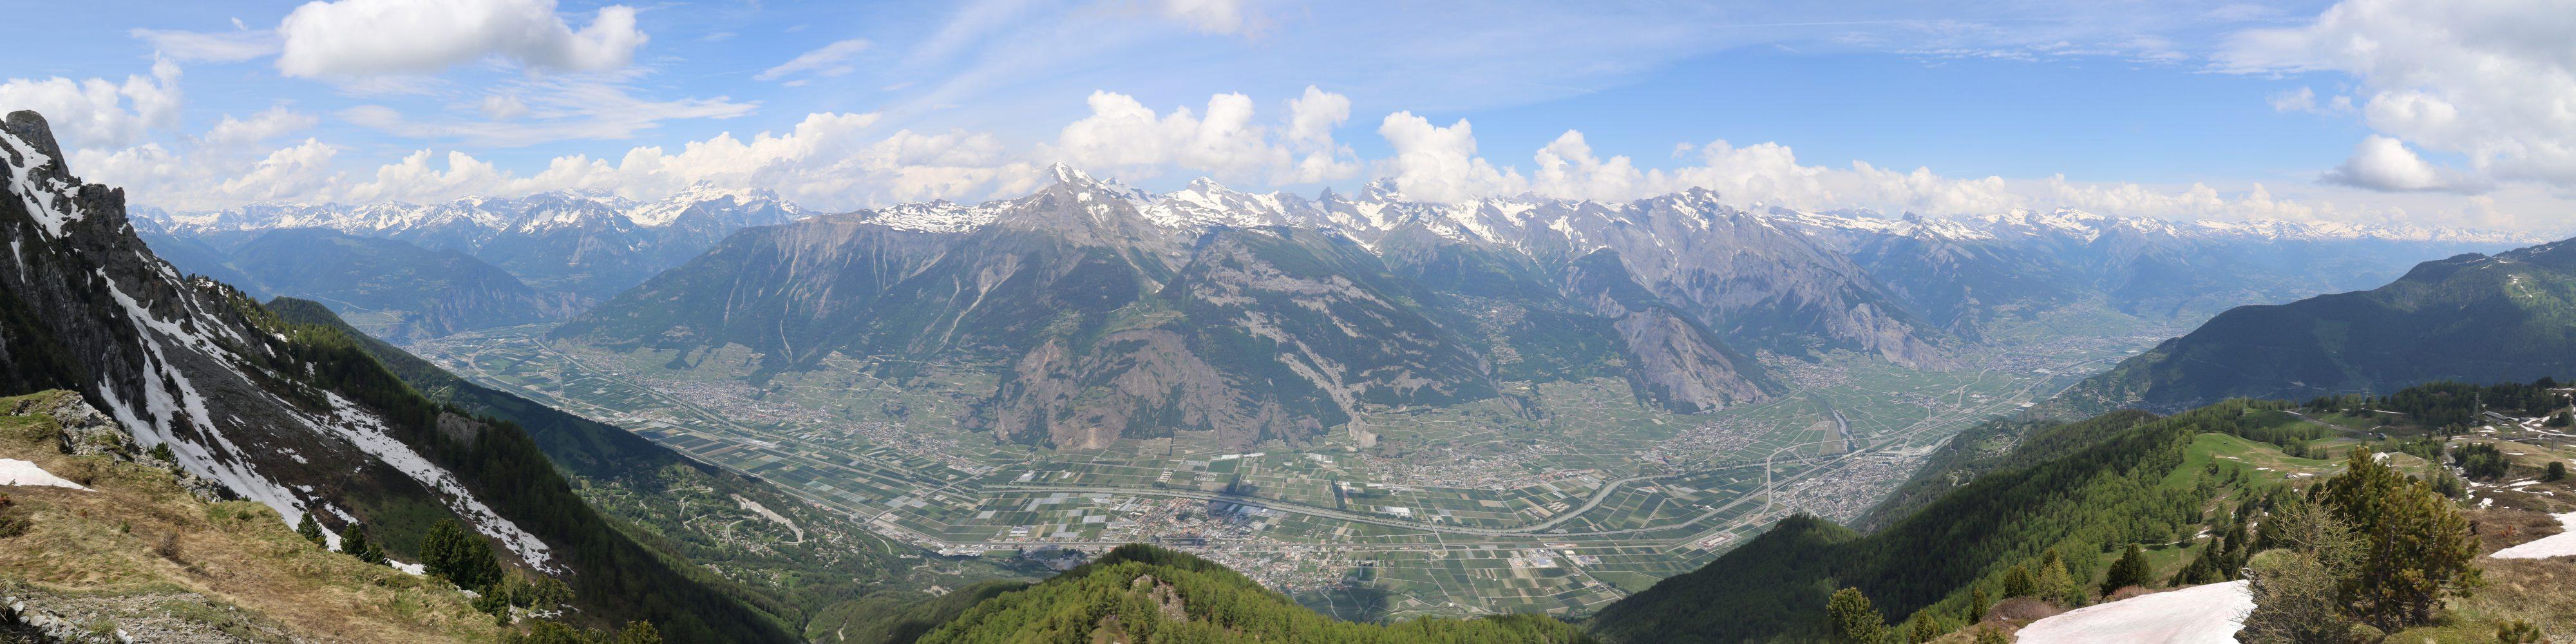 Panorama sur la plaine du Rhône